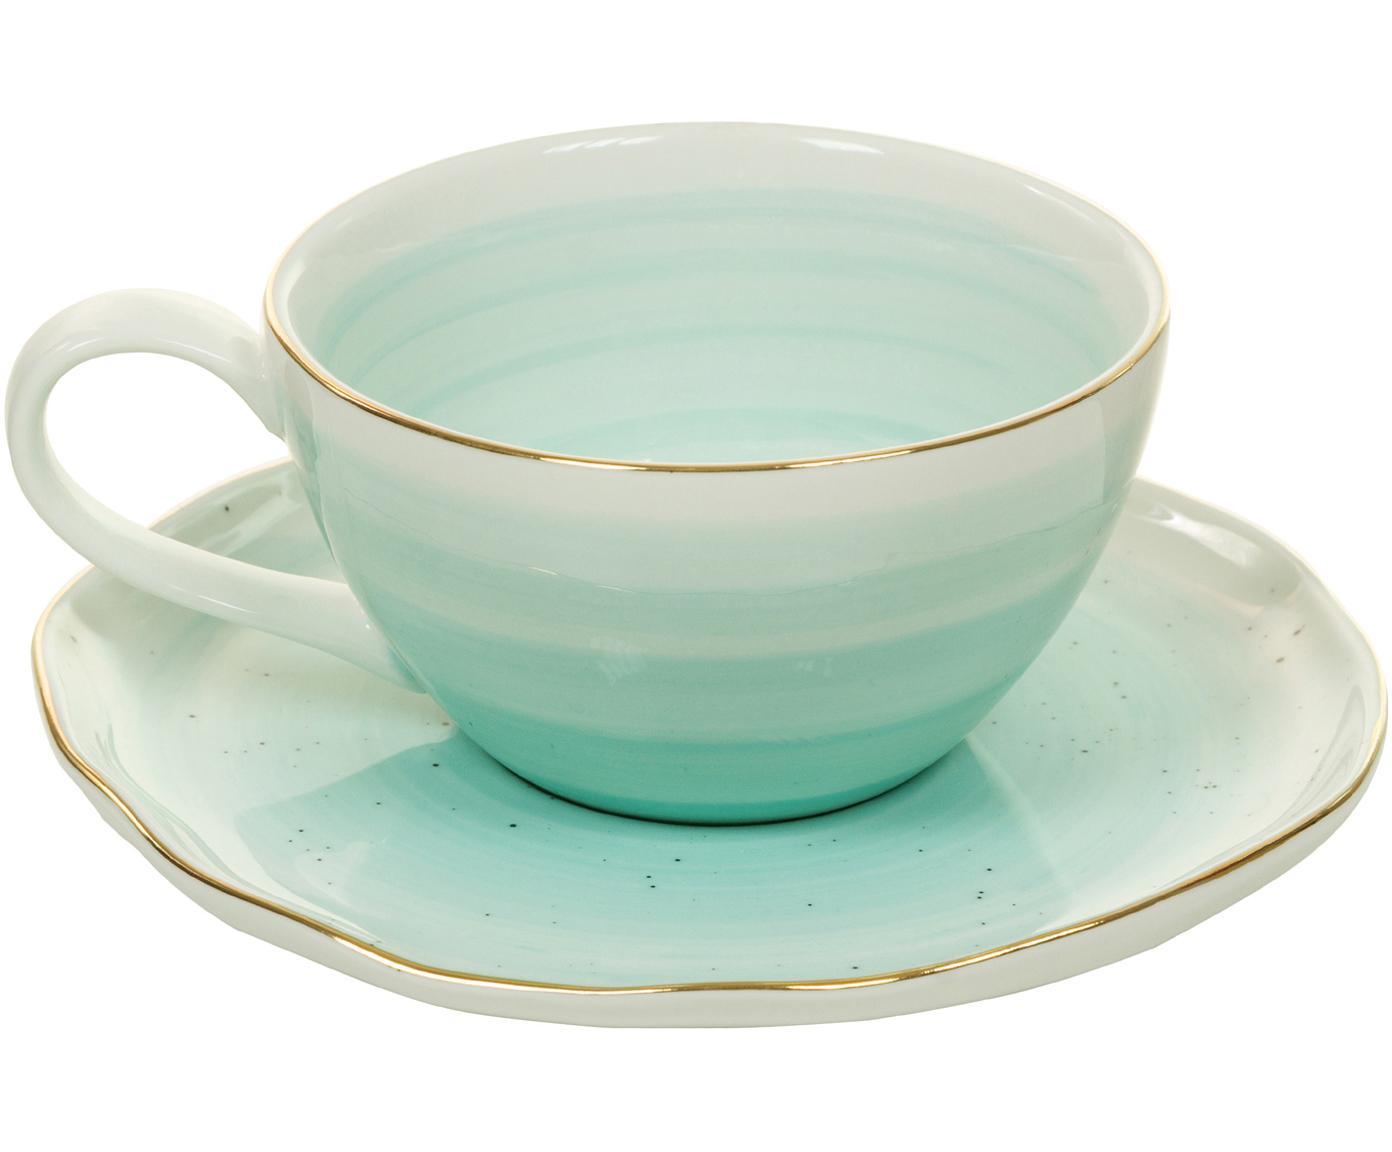 Handgemachte Tassen Bol mit Goldrand, 4er-Set, Porzellan, Türkisblau, Ø 10 x H 6 cm